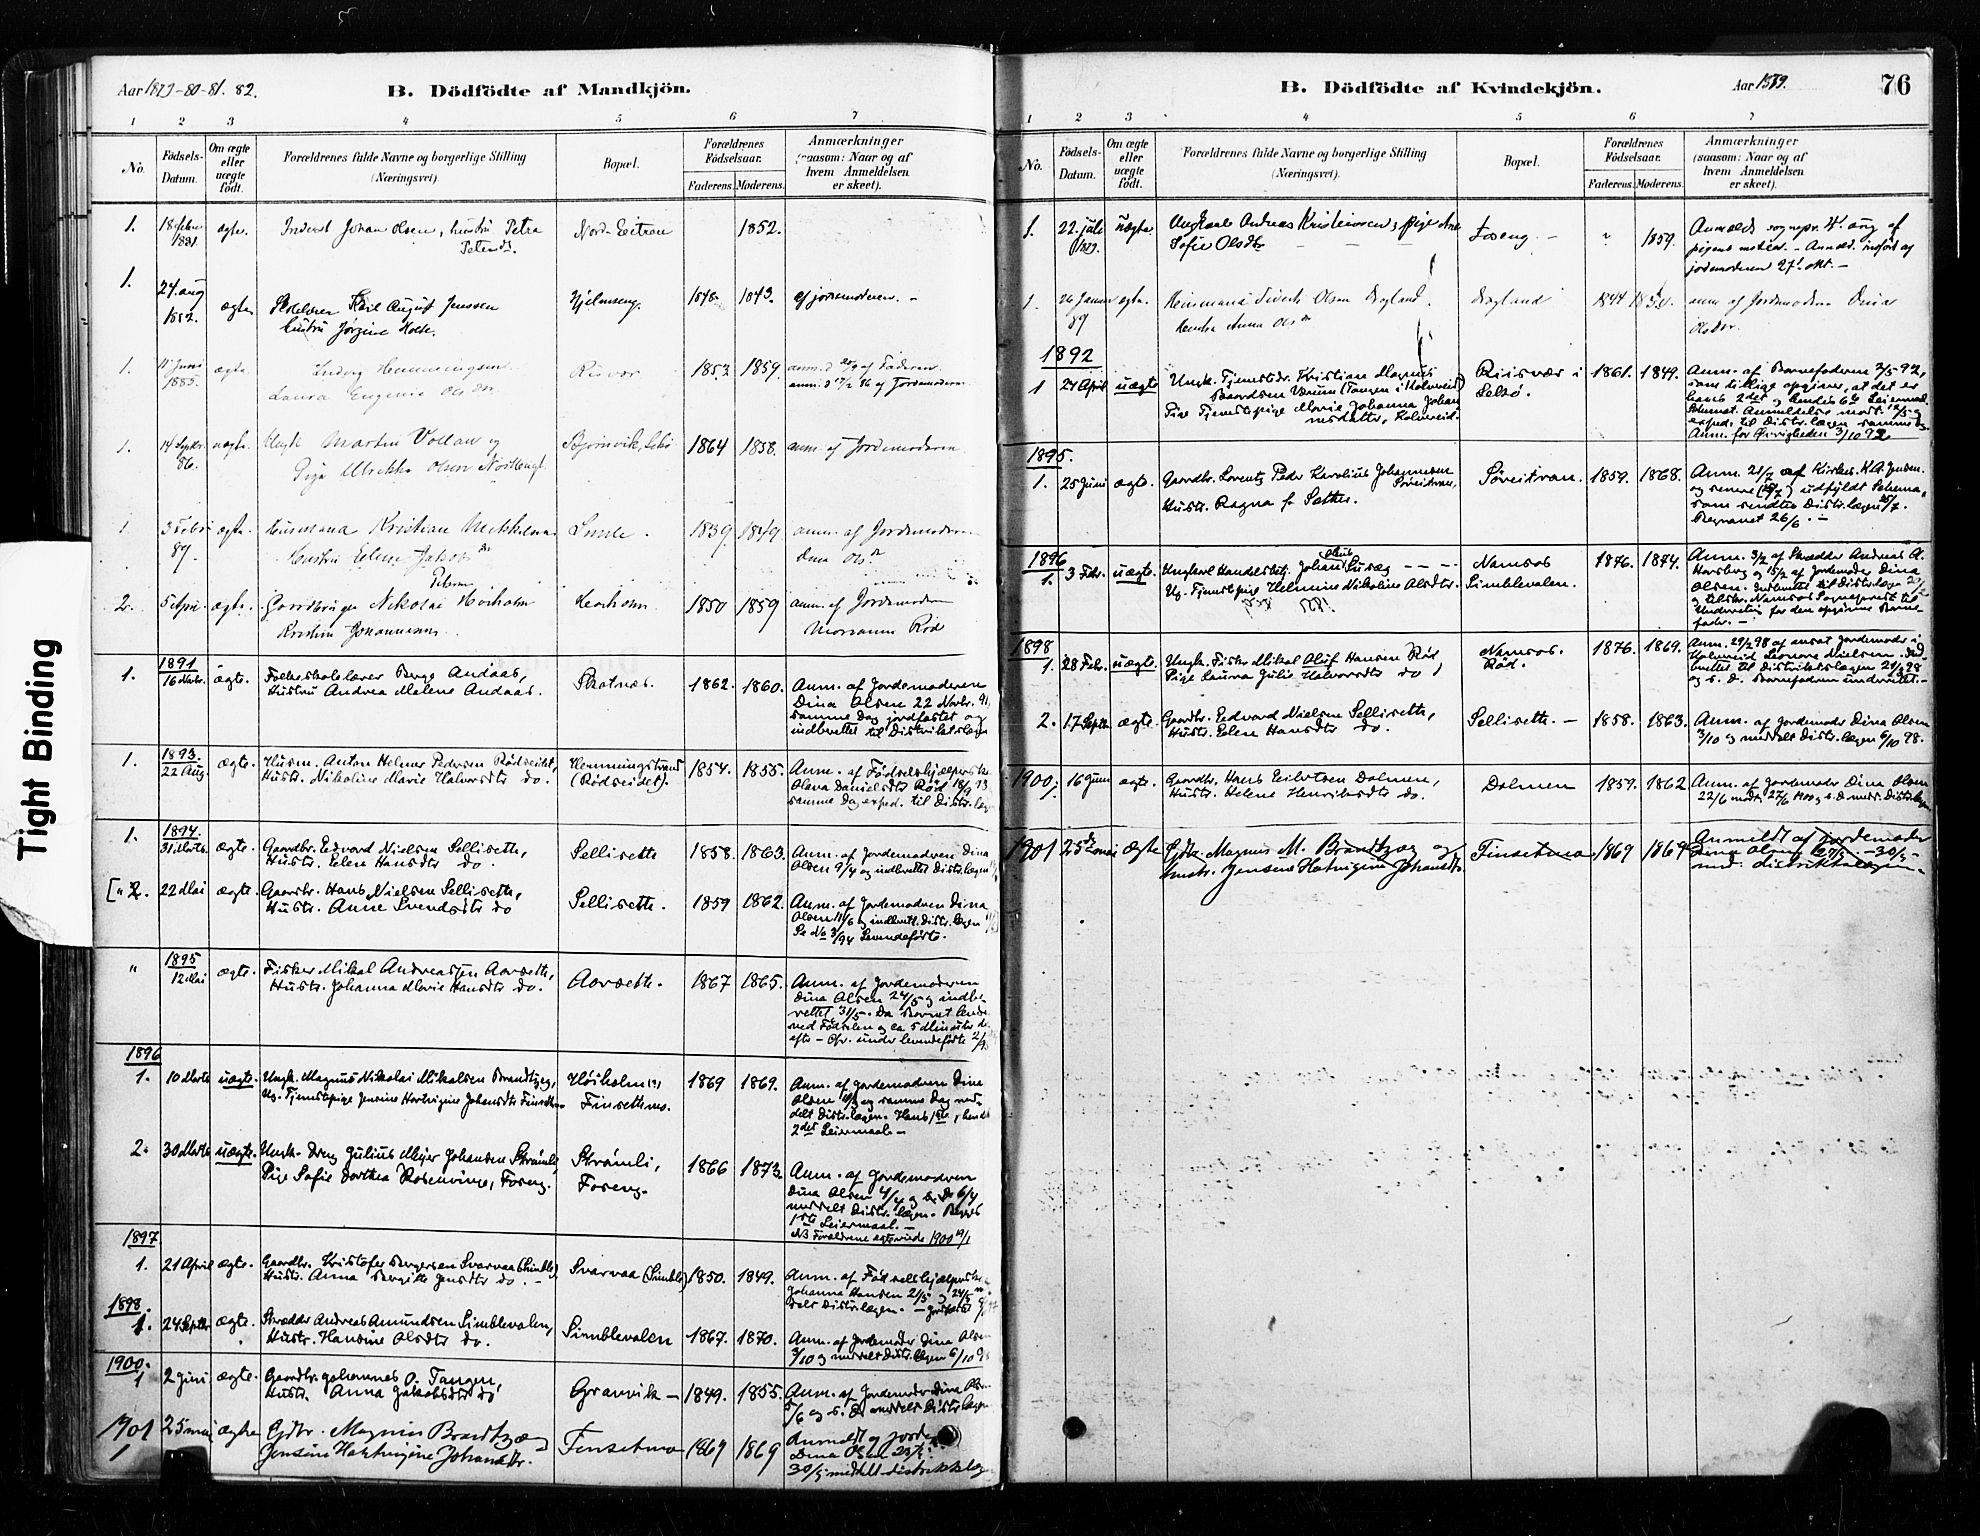 SAT, Ministerialprotokoller, klokkerbøker og fødselsregistre - Nord-Trøndelag, 789/L0705: Ministerialbok nr. 789A01, 1878-1910, s. 76